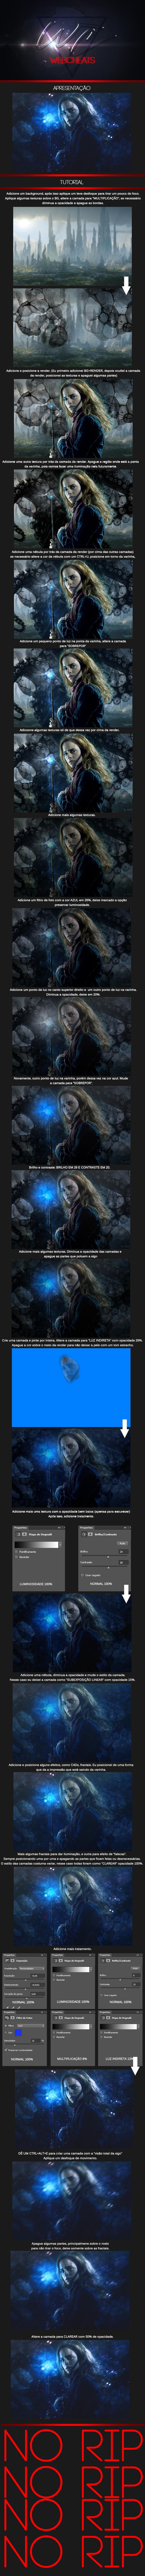 tutorial_hermione_by_brunowc-dc7waqo.png